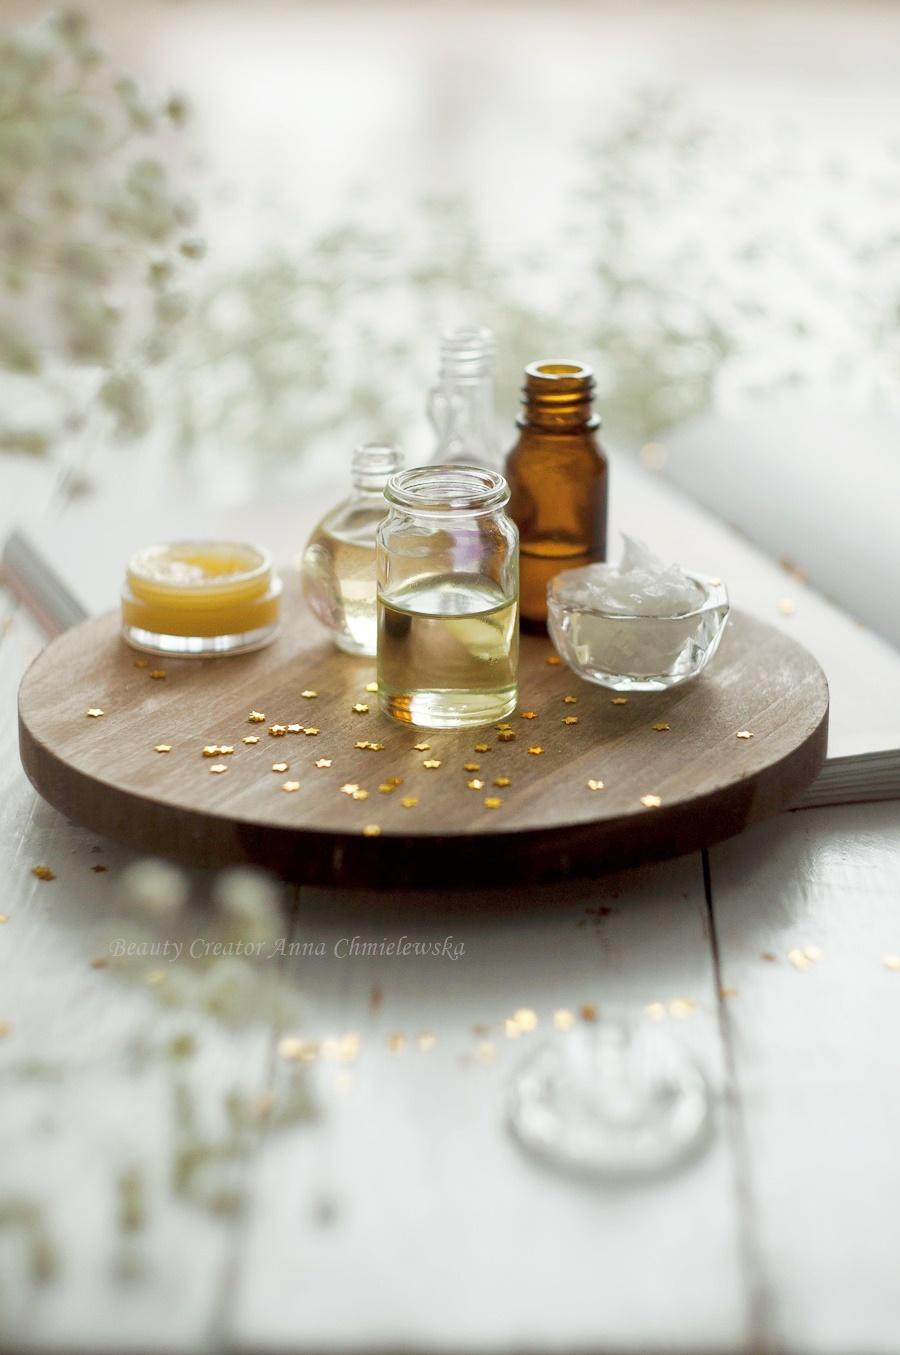 olejki do paznokci, oliwka do paznokci neess, olej arganowy joanna oleje swiata, olejk kokosowy, venus nature olej z orzechów makadamia,